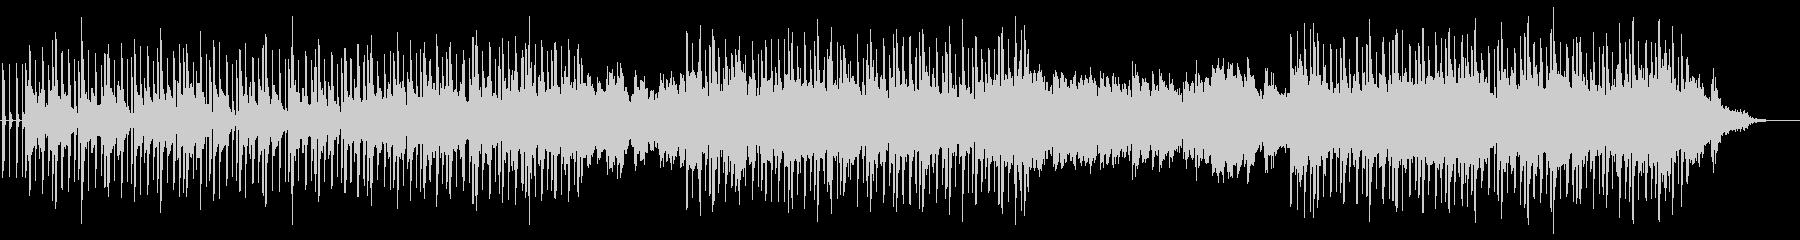 作業用BGM のんびりチルホップの未再生の波形